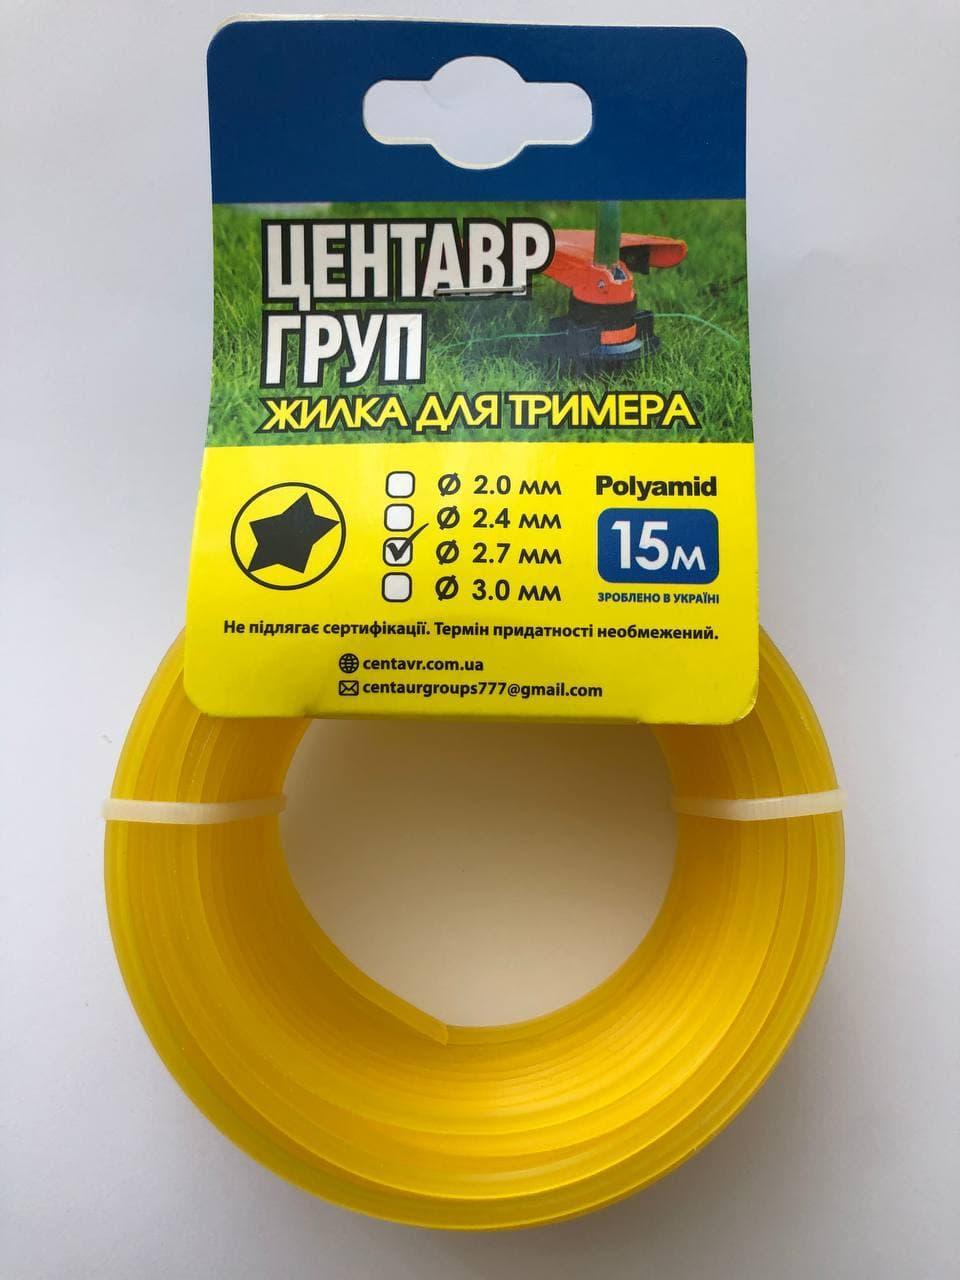 Леска для триммера круг из нейлона 2,7 мм 15 метров производство Украина